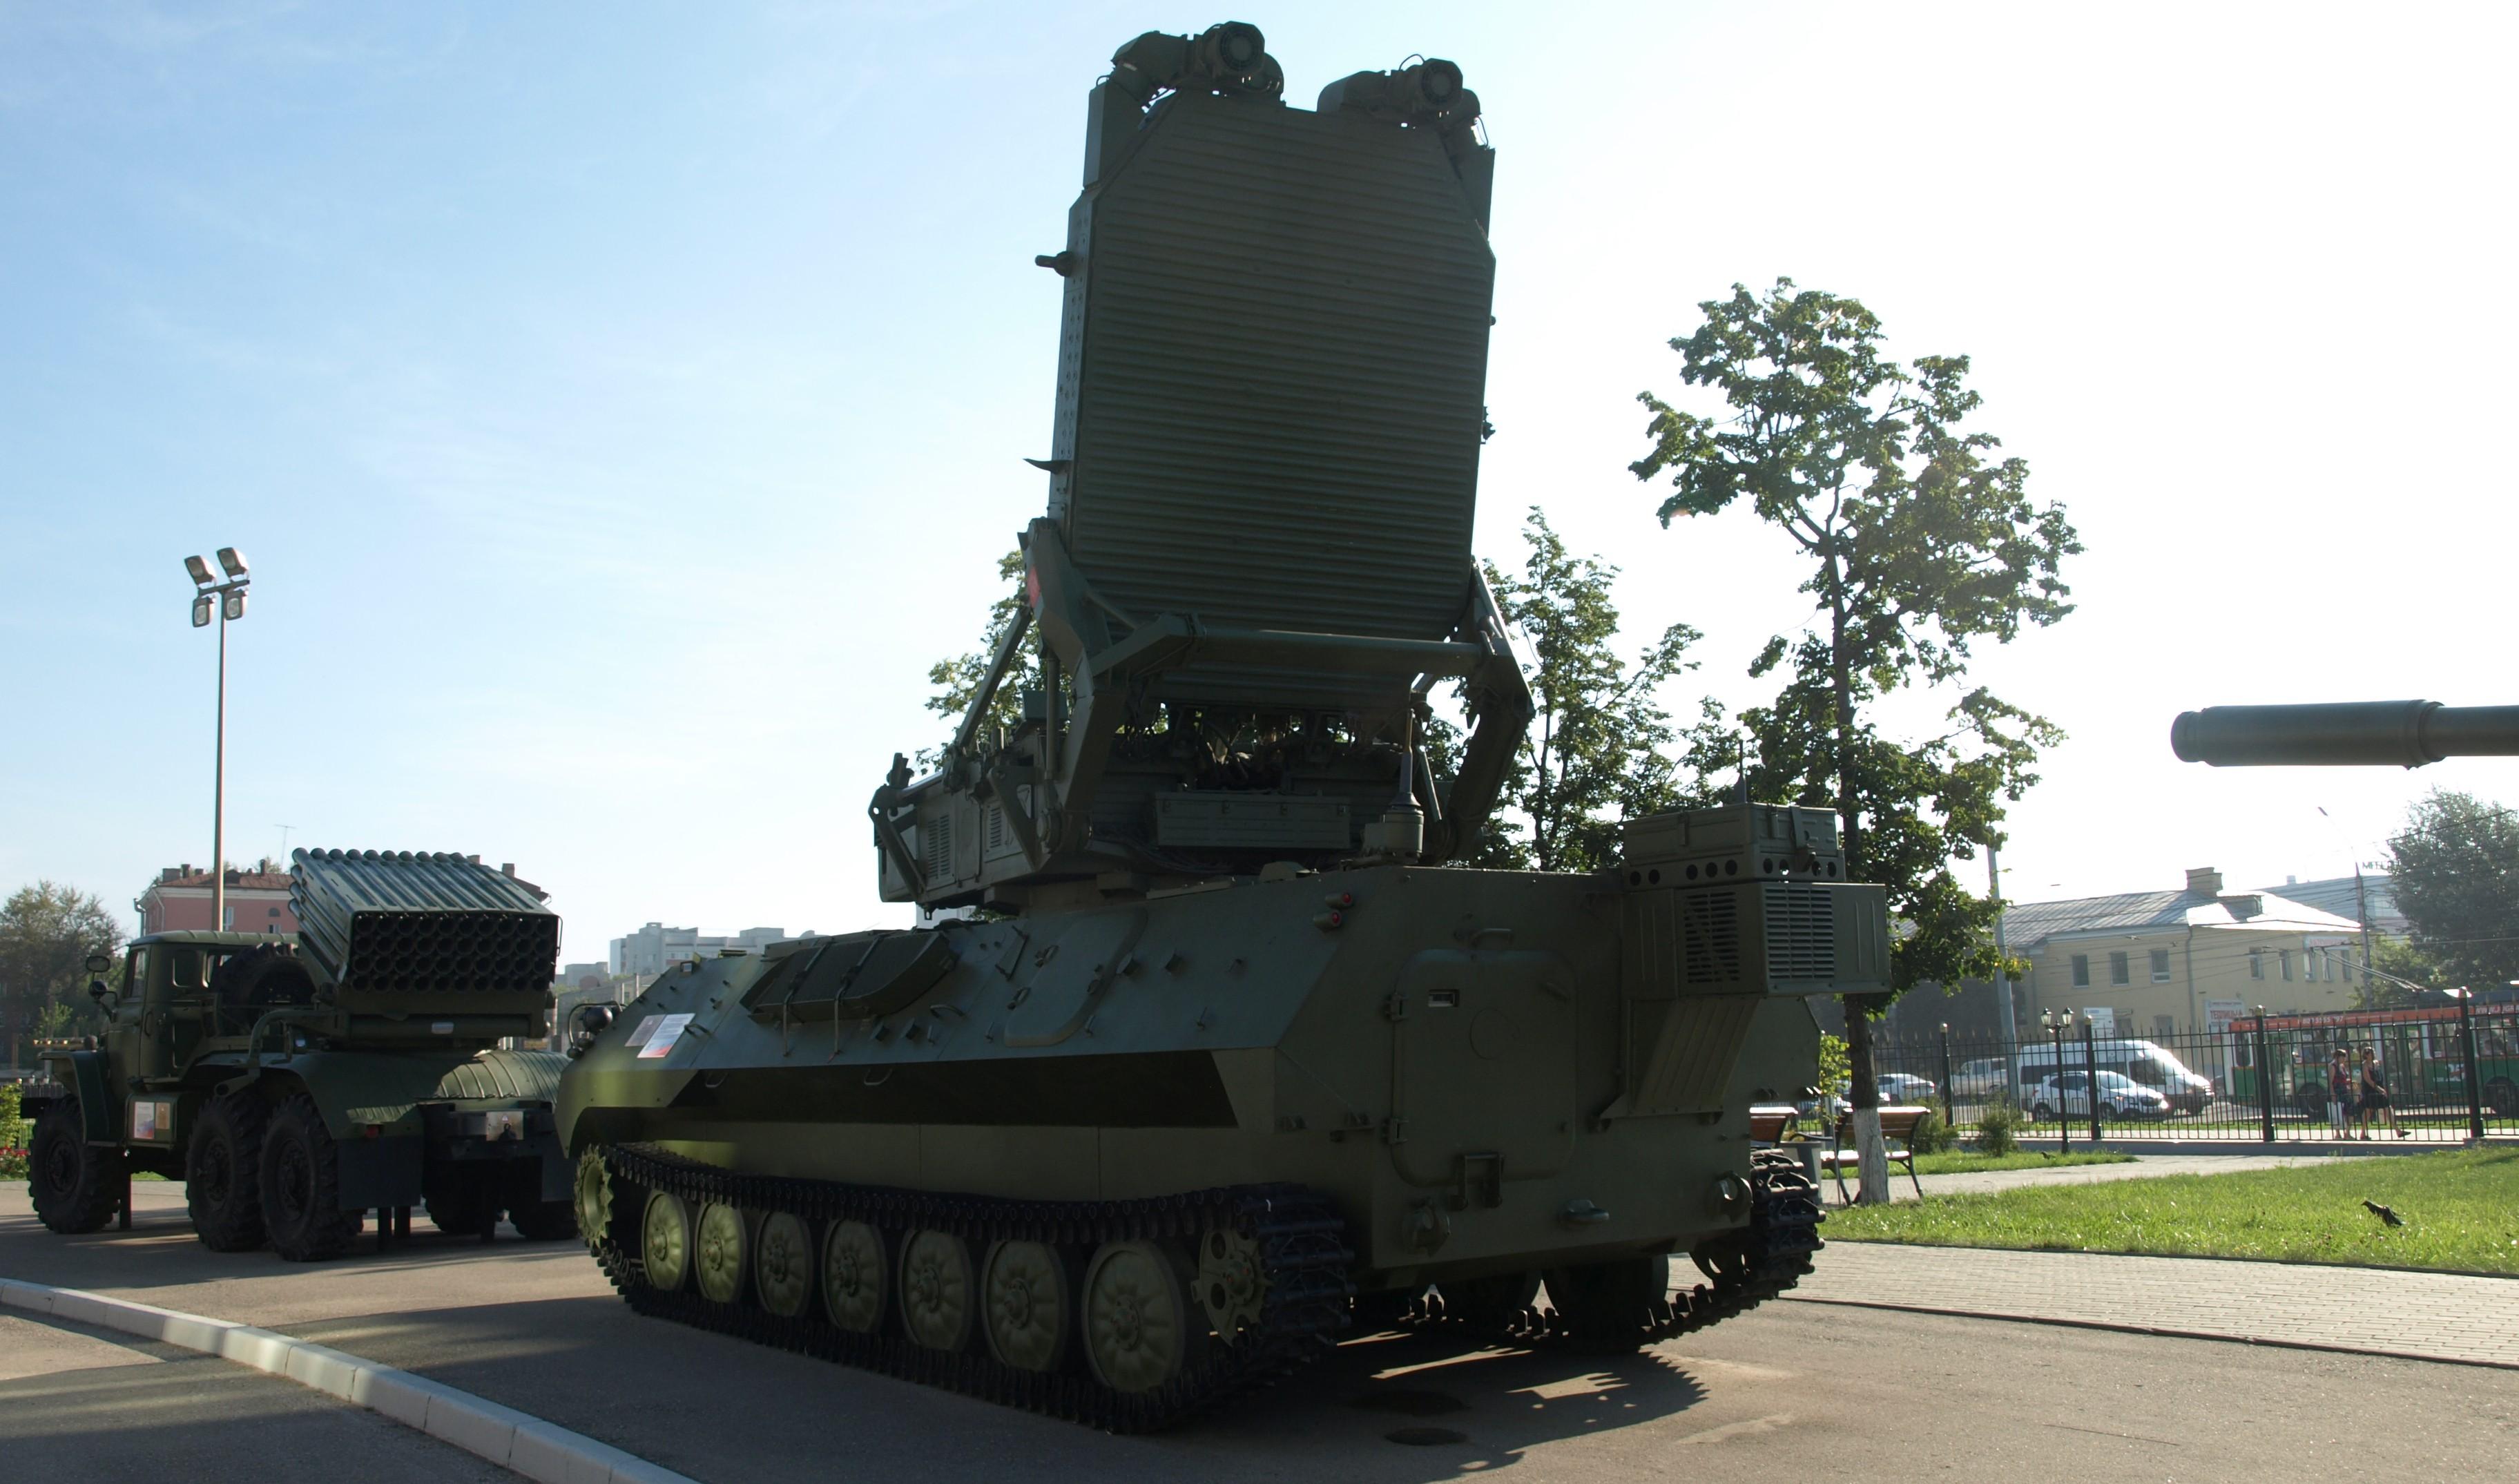 Russisk artilleriradar opdaget i det østlige Ukraine